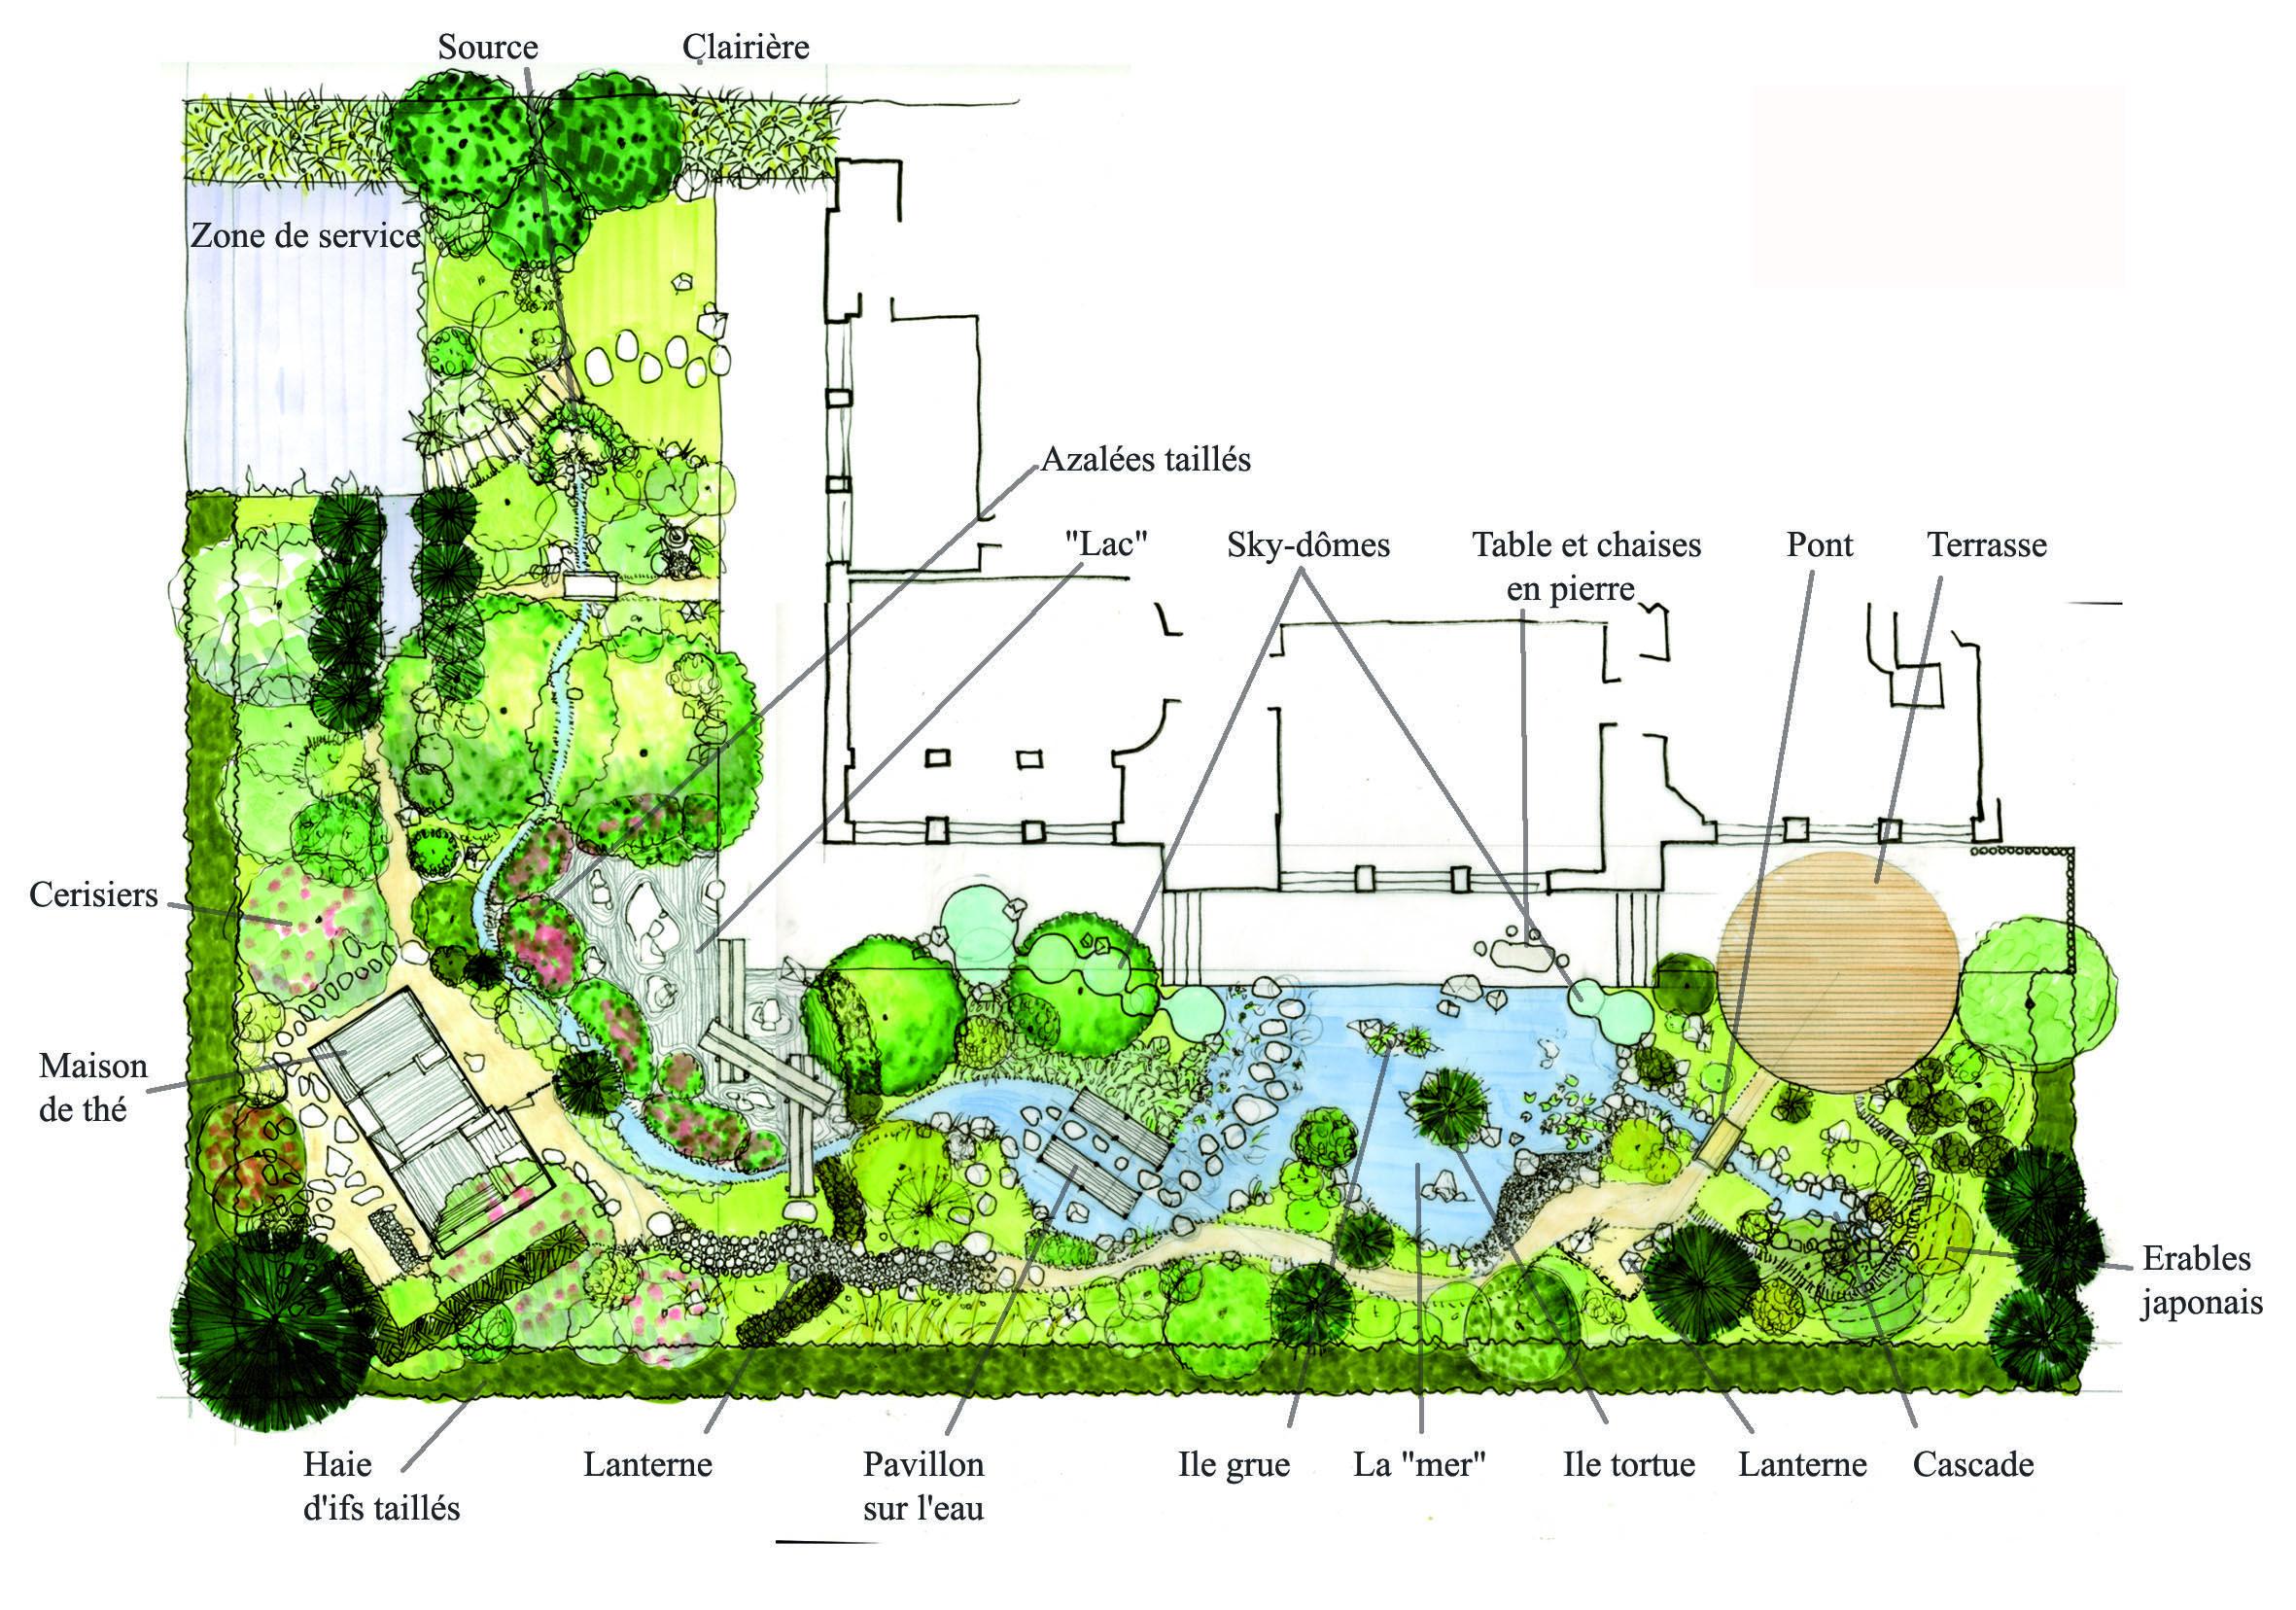 Épinglé Par Cécile Le Masson Sur Jardin Japonais | Plan ... encequiconcerne Créer Jardin Japonais Facile